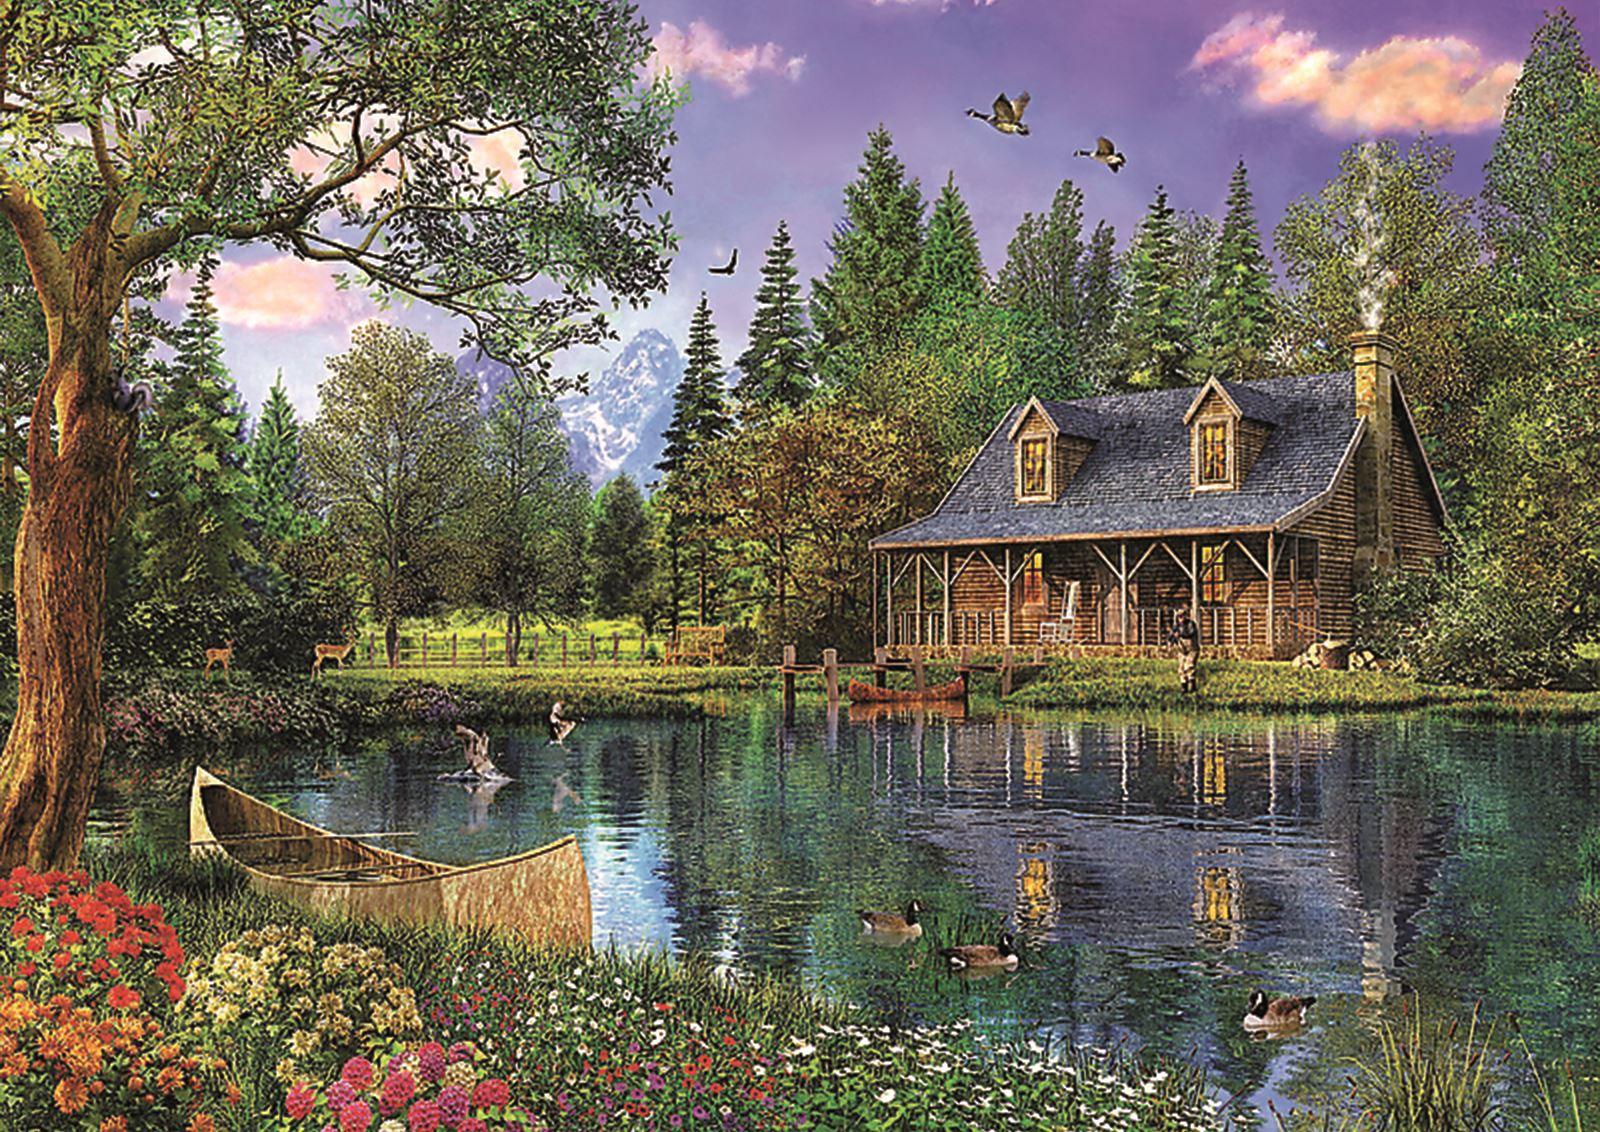 Trefl-300-500-1000-1500-2000-3000-4000-6000-Piece-Jigsaw-Puzzle-Paysages-Ville miniature 12